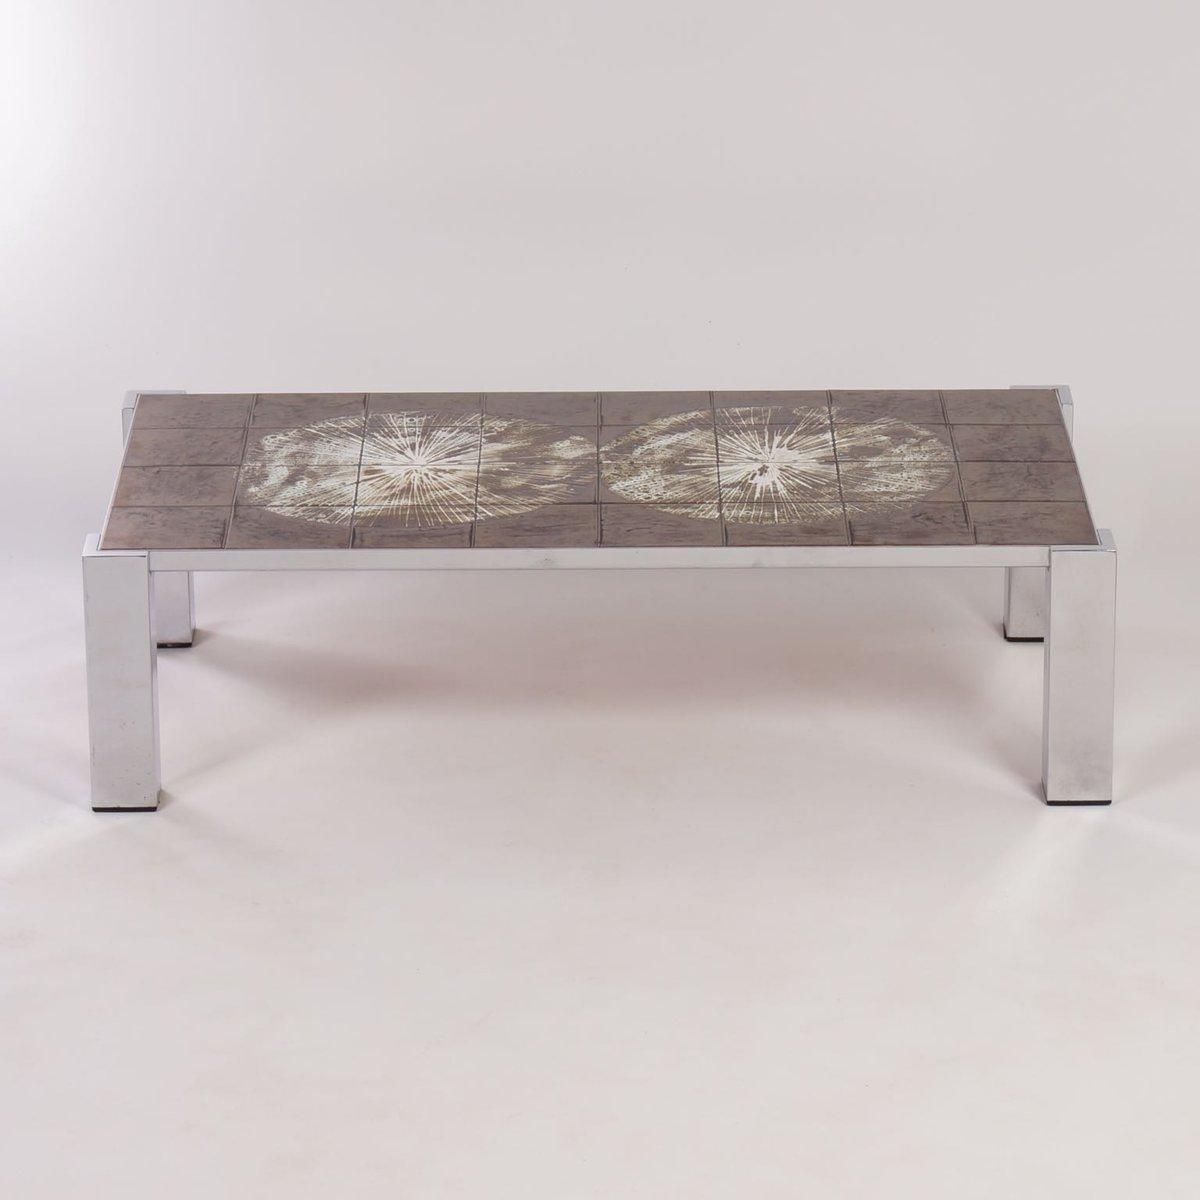 Table basse peinte la main carrel e par belarti 1960s - Table basse peinte ...